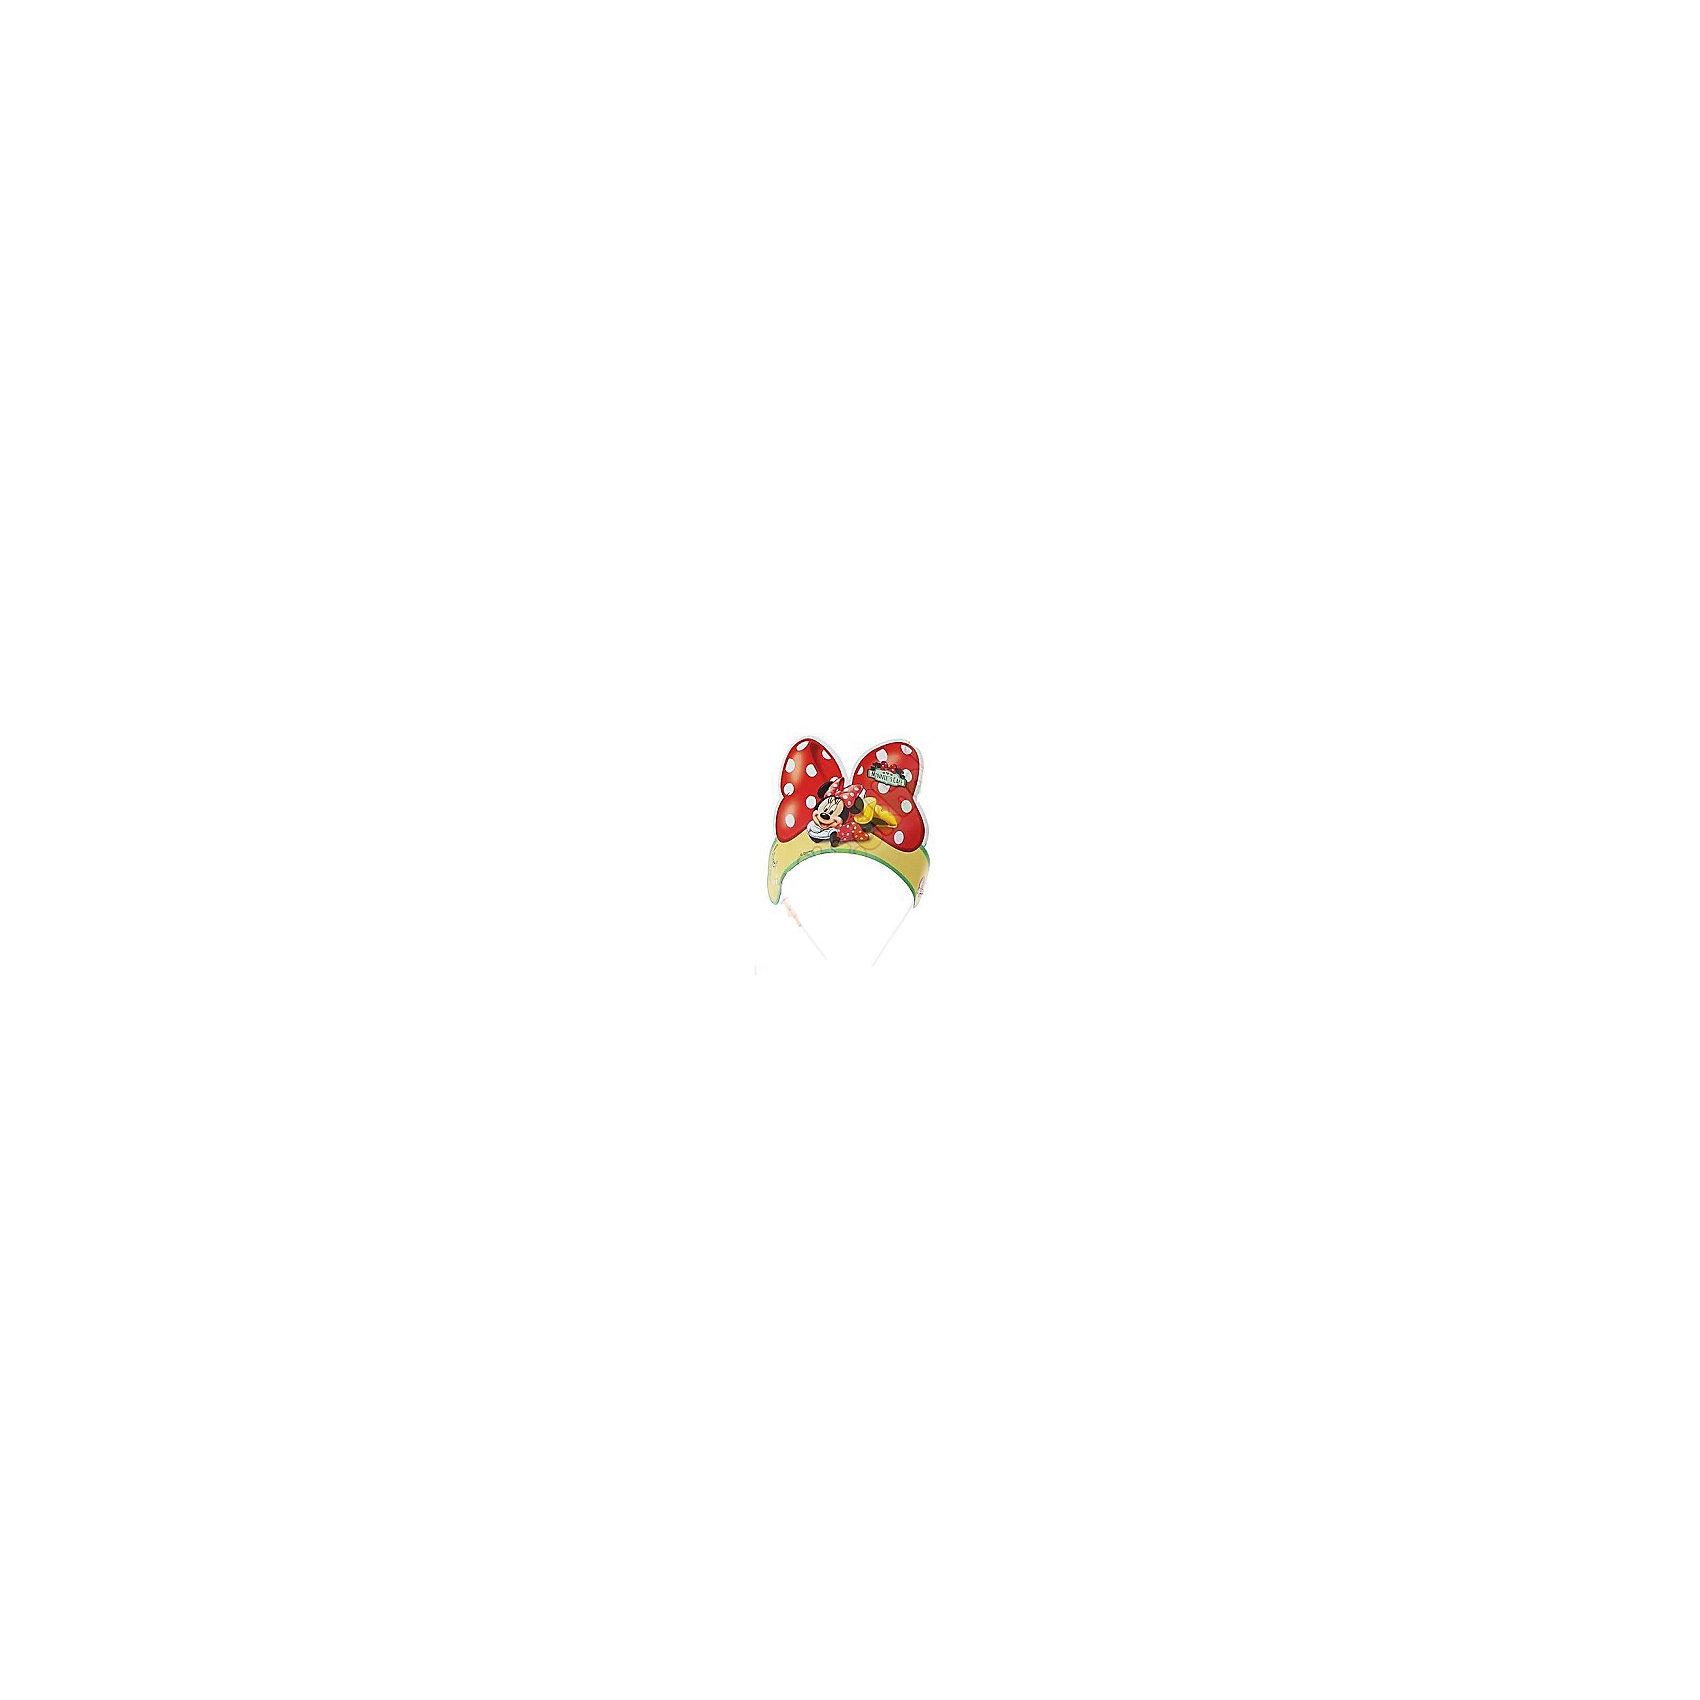 Корона  Кафе Минни , 6 шт.Минни Маус<br>Красиво оформить детский праздник, сделать его ярким и запоминающимся Вам помогут аксессуары и украшения в стиле любимых детских персонажей. Яркие короны Кафе Минни порадуют Вашу малышку и ее подруг и будут создавать атмосферу веселья и радости. Комплект включает в себя 6 бумажных корон, украшенных изображением веселой мышки Минни, подружки мышонка Микки-Мауса из популярных диснеевских мультфильмов. Короны изготовлены из высококачественных и нетоксичных материалов, которые совершенно безопасны для детского здоровья.<br><br>Дополнительная информация:<br><br>- В комплекте: 6 шт.<br>- Материал: бумага.<br>- Размер упаковки: 1,5 х 16,5 х 19 см.<br>- Вес: 43 гр.<br><br>Корону Кафе Минни,  6 шт., можно купить в нашем интернет-магазине.<br><br>Ширина мм: 15<br>Глубина мм: 165<br>Высота мм: 190<br>Вес г: 43<br>Возраст от месяцев: 36<br>Возраст до месяцев: 84<br>Пол: Женский<br>Возраст: Детский<br>SKU: 4008398